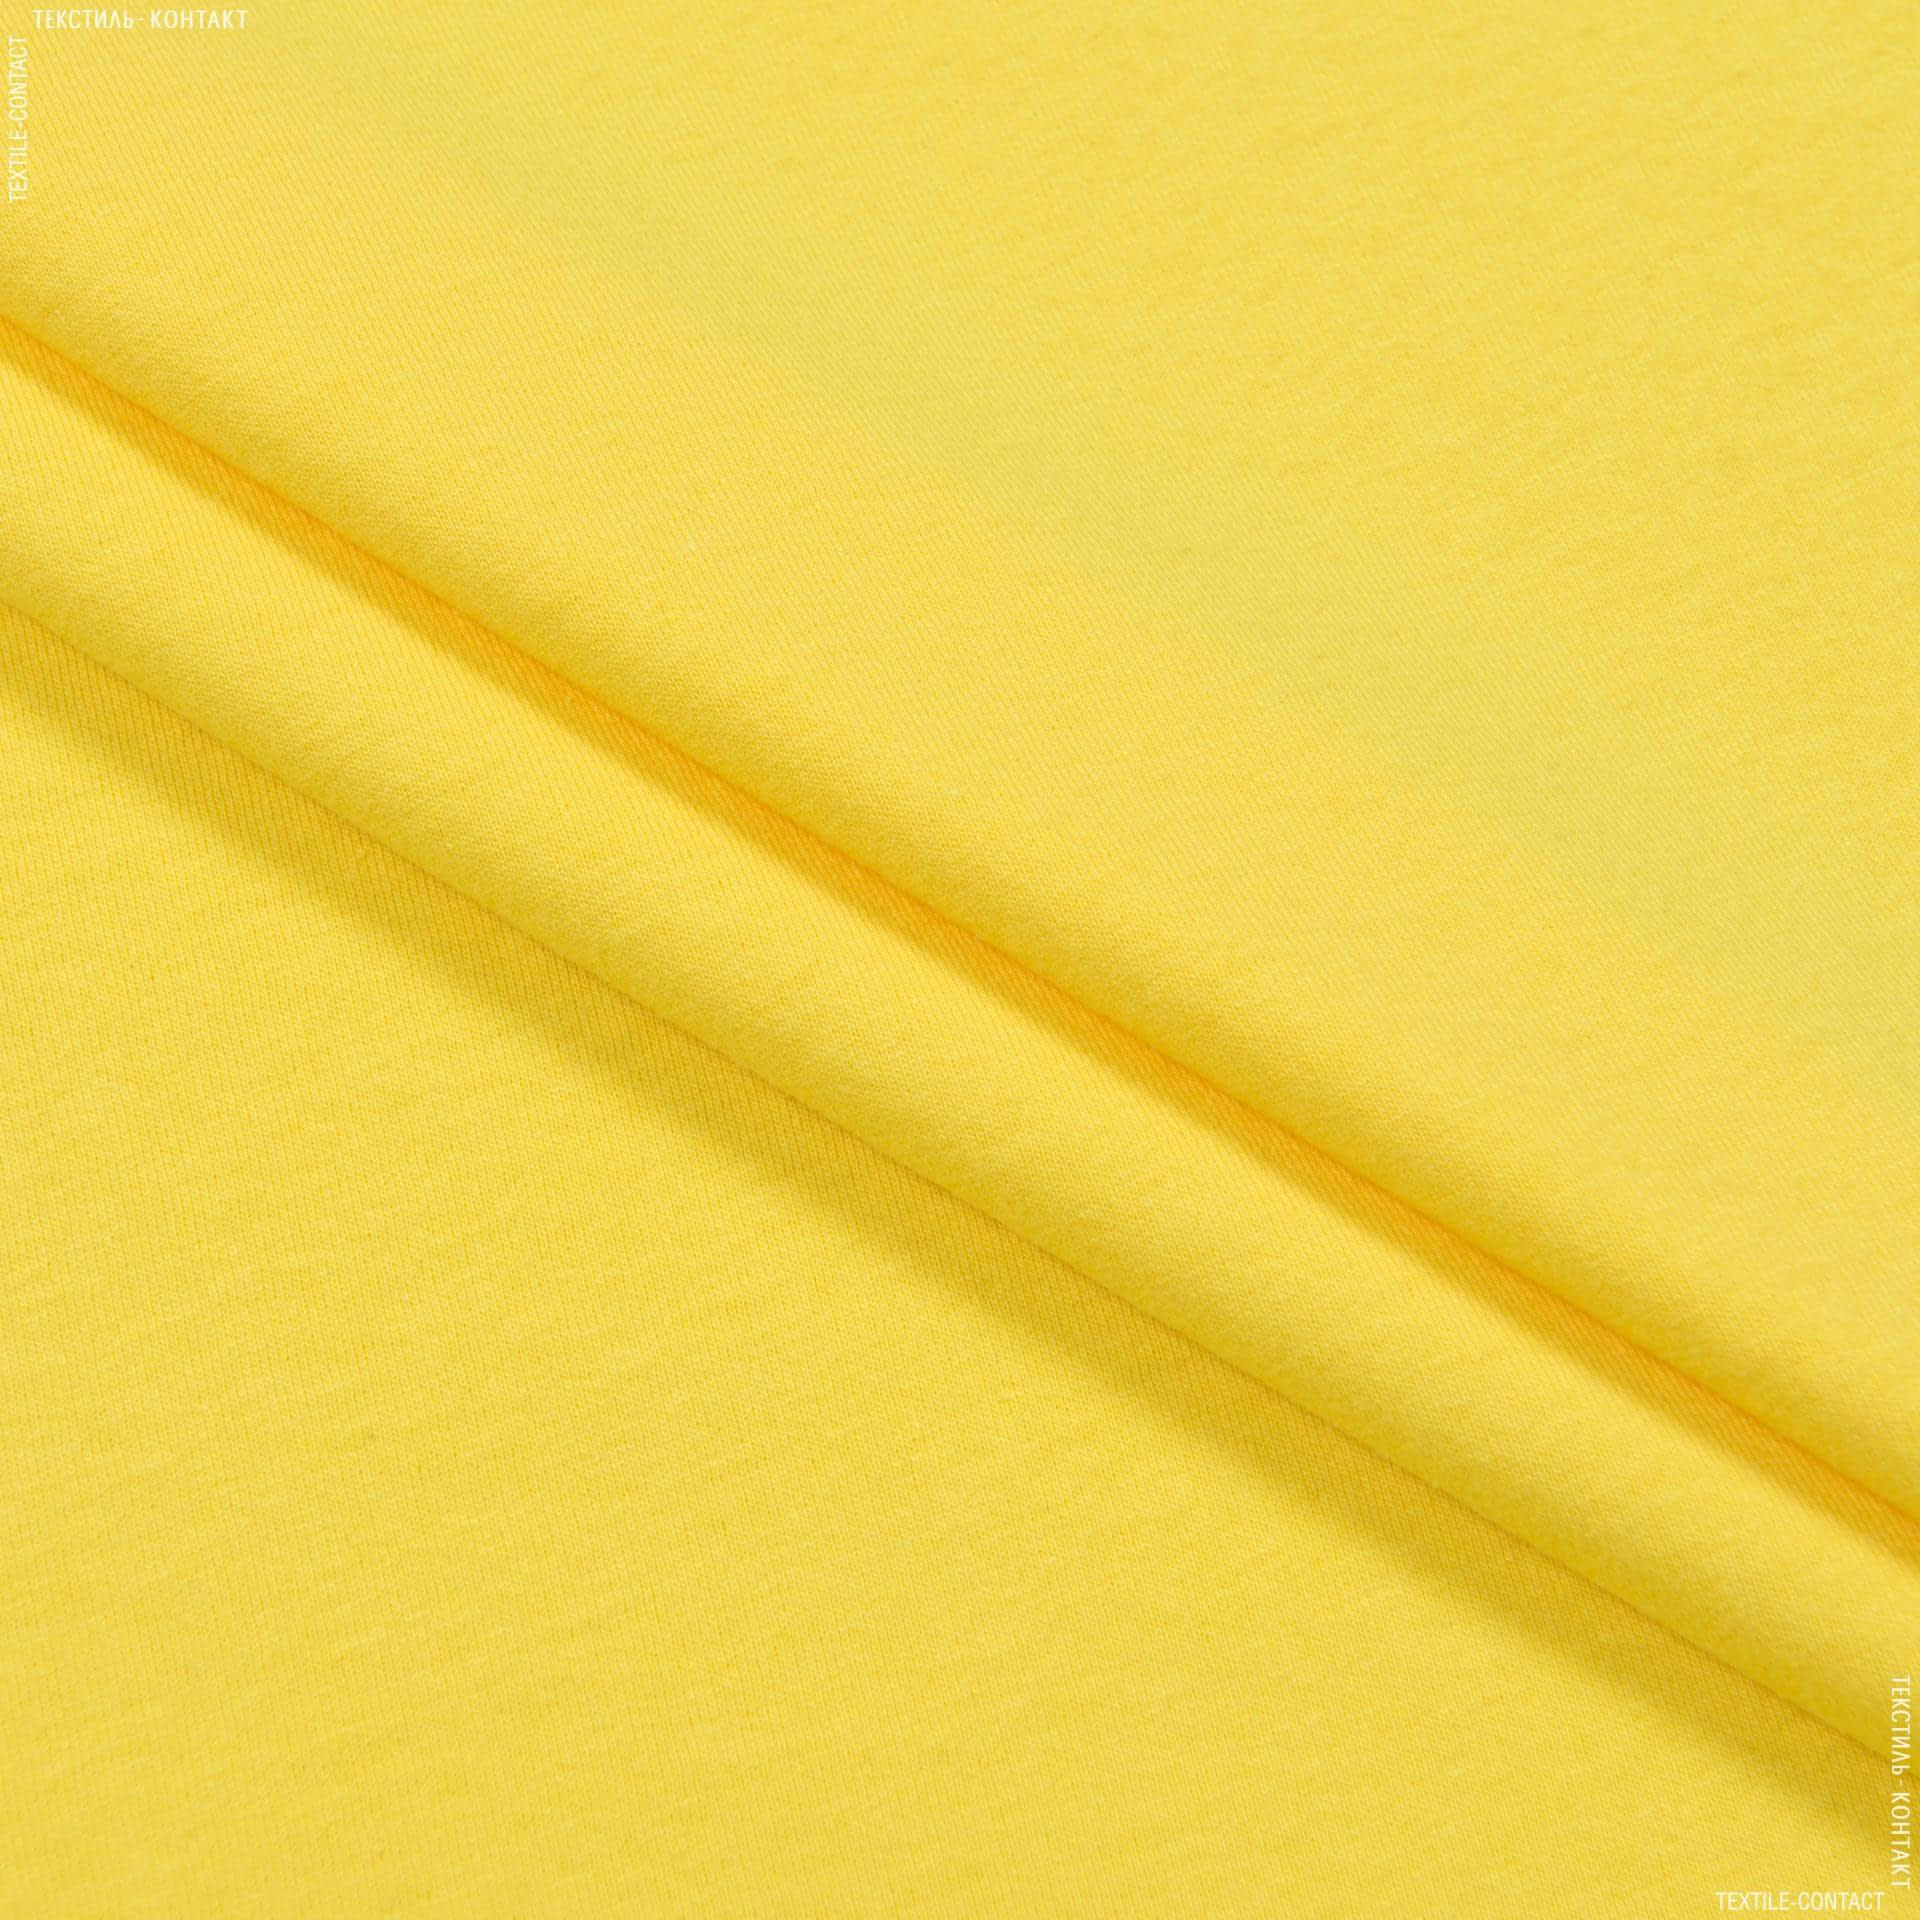 Ткани для спортивной одежды - Кулирное полотно  100см х 2 желтый лимон